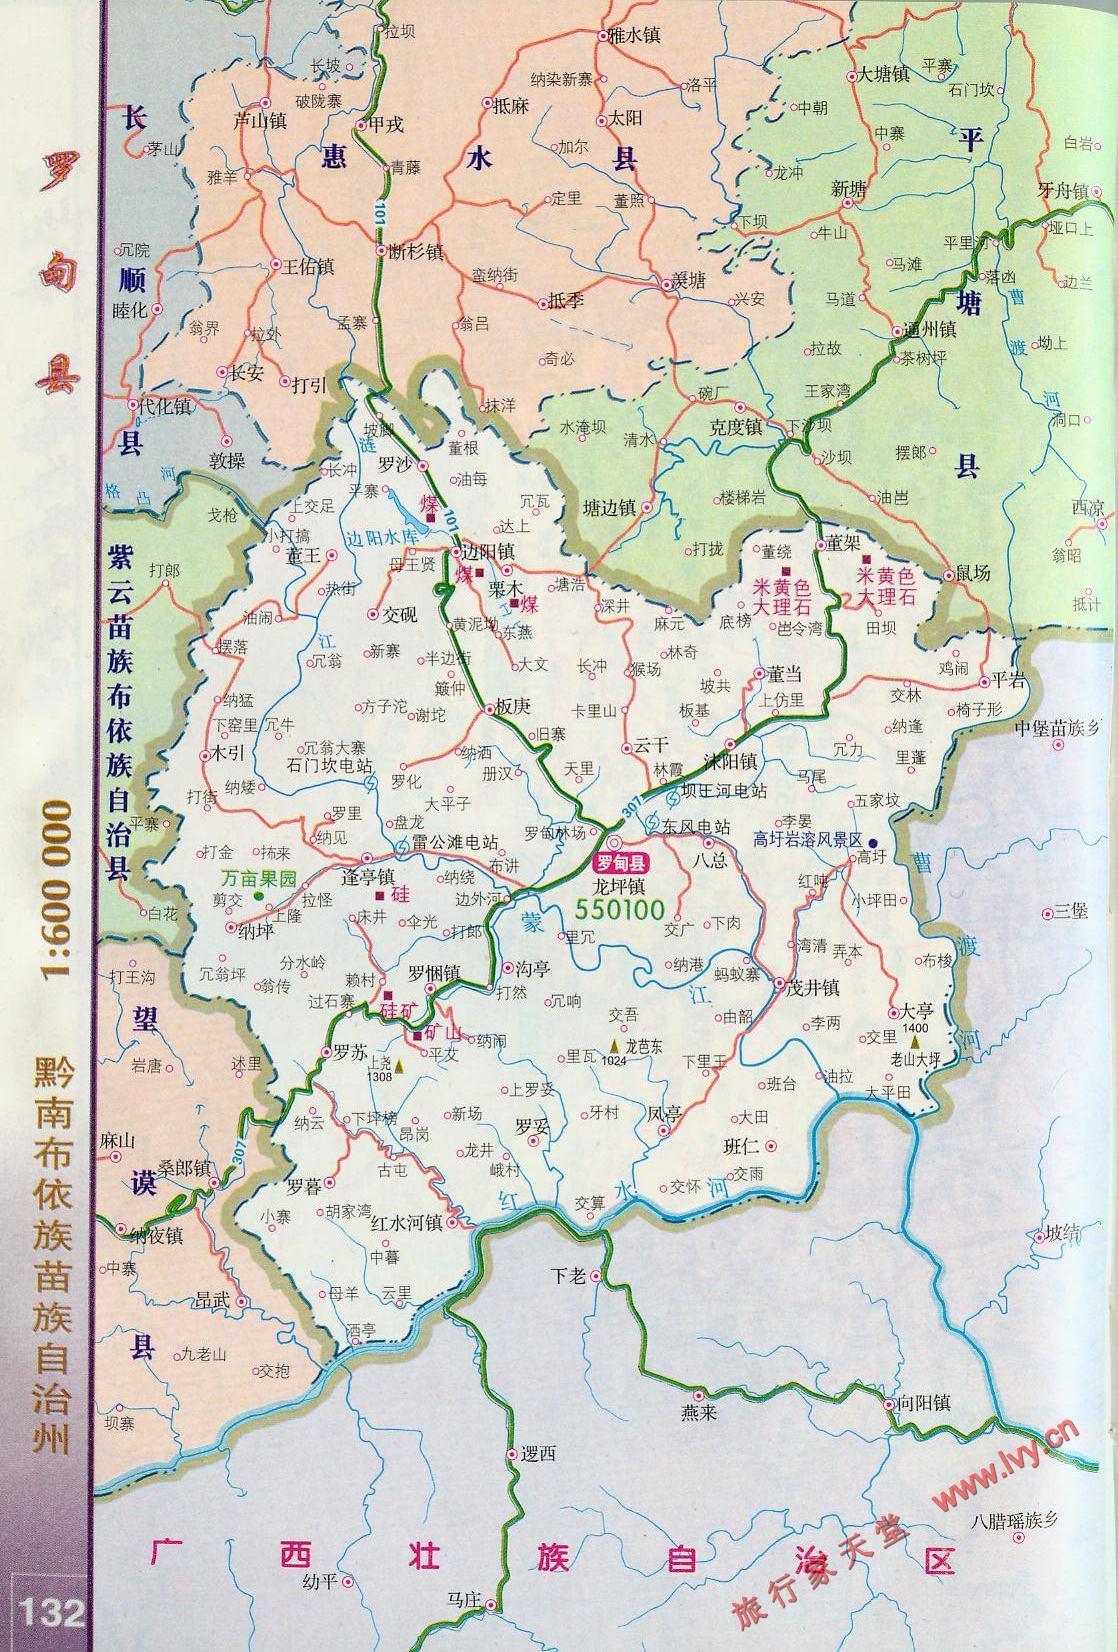 地图窝 中国 贵州 黔南  (长按地图可以放大,保存,分享)图片